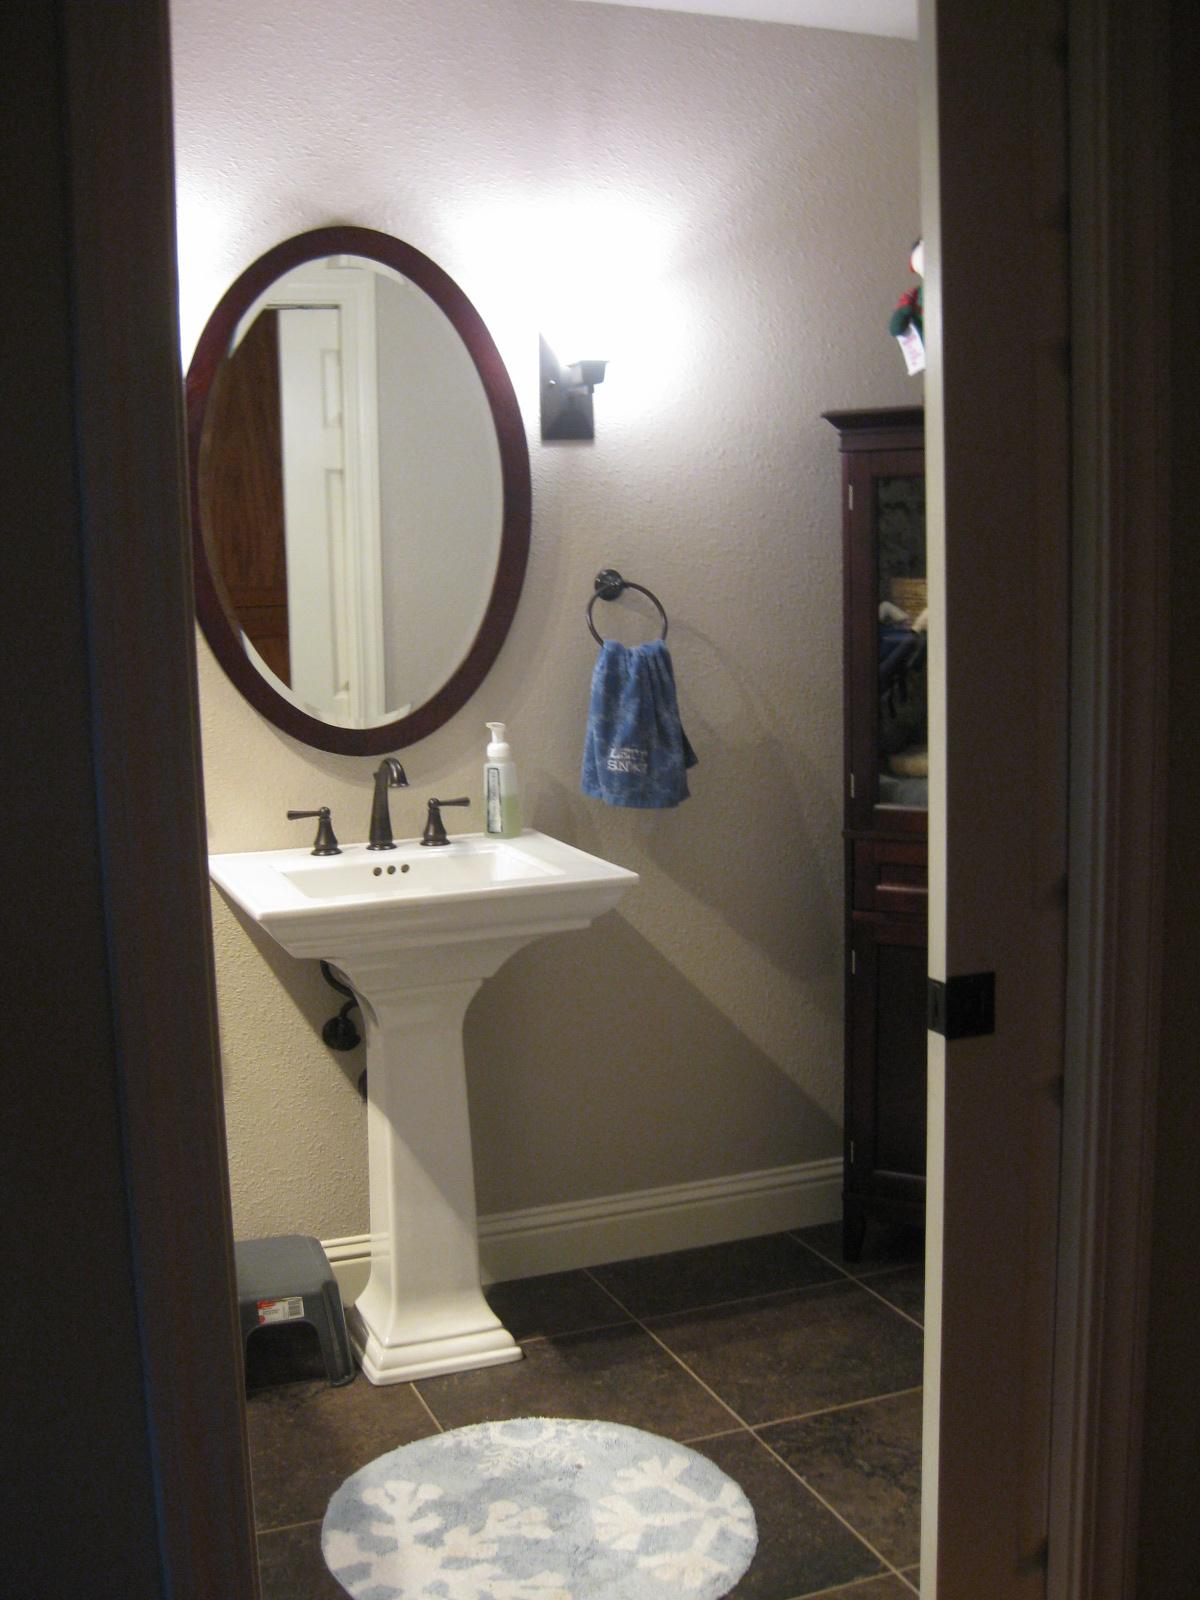 http://1.bp.blogspot.com/_7Qk-4pK5Edk/TTNES0ZcASI/AAAAAAAAAPk/Q2hCKMjST-I/s1600/bathroom%2B3%2Bafter.JPG